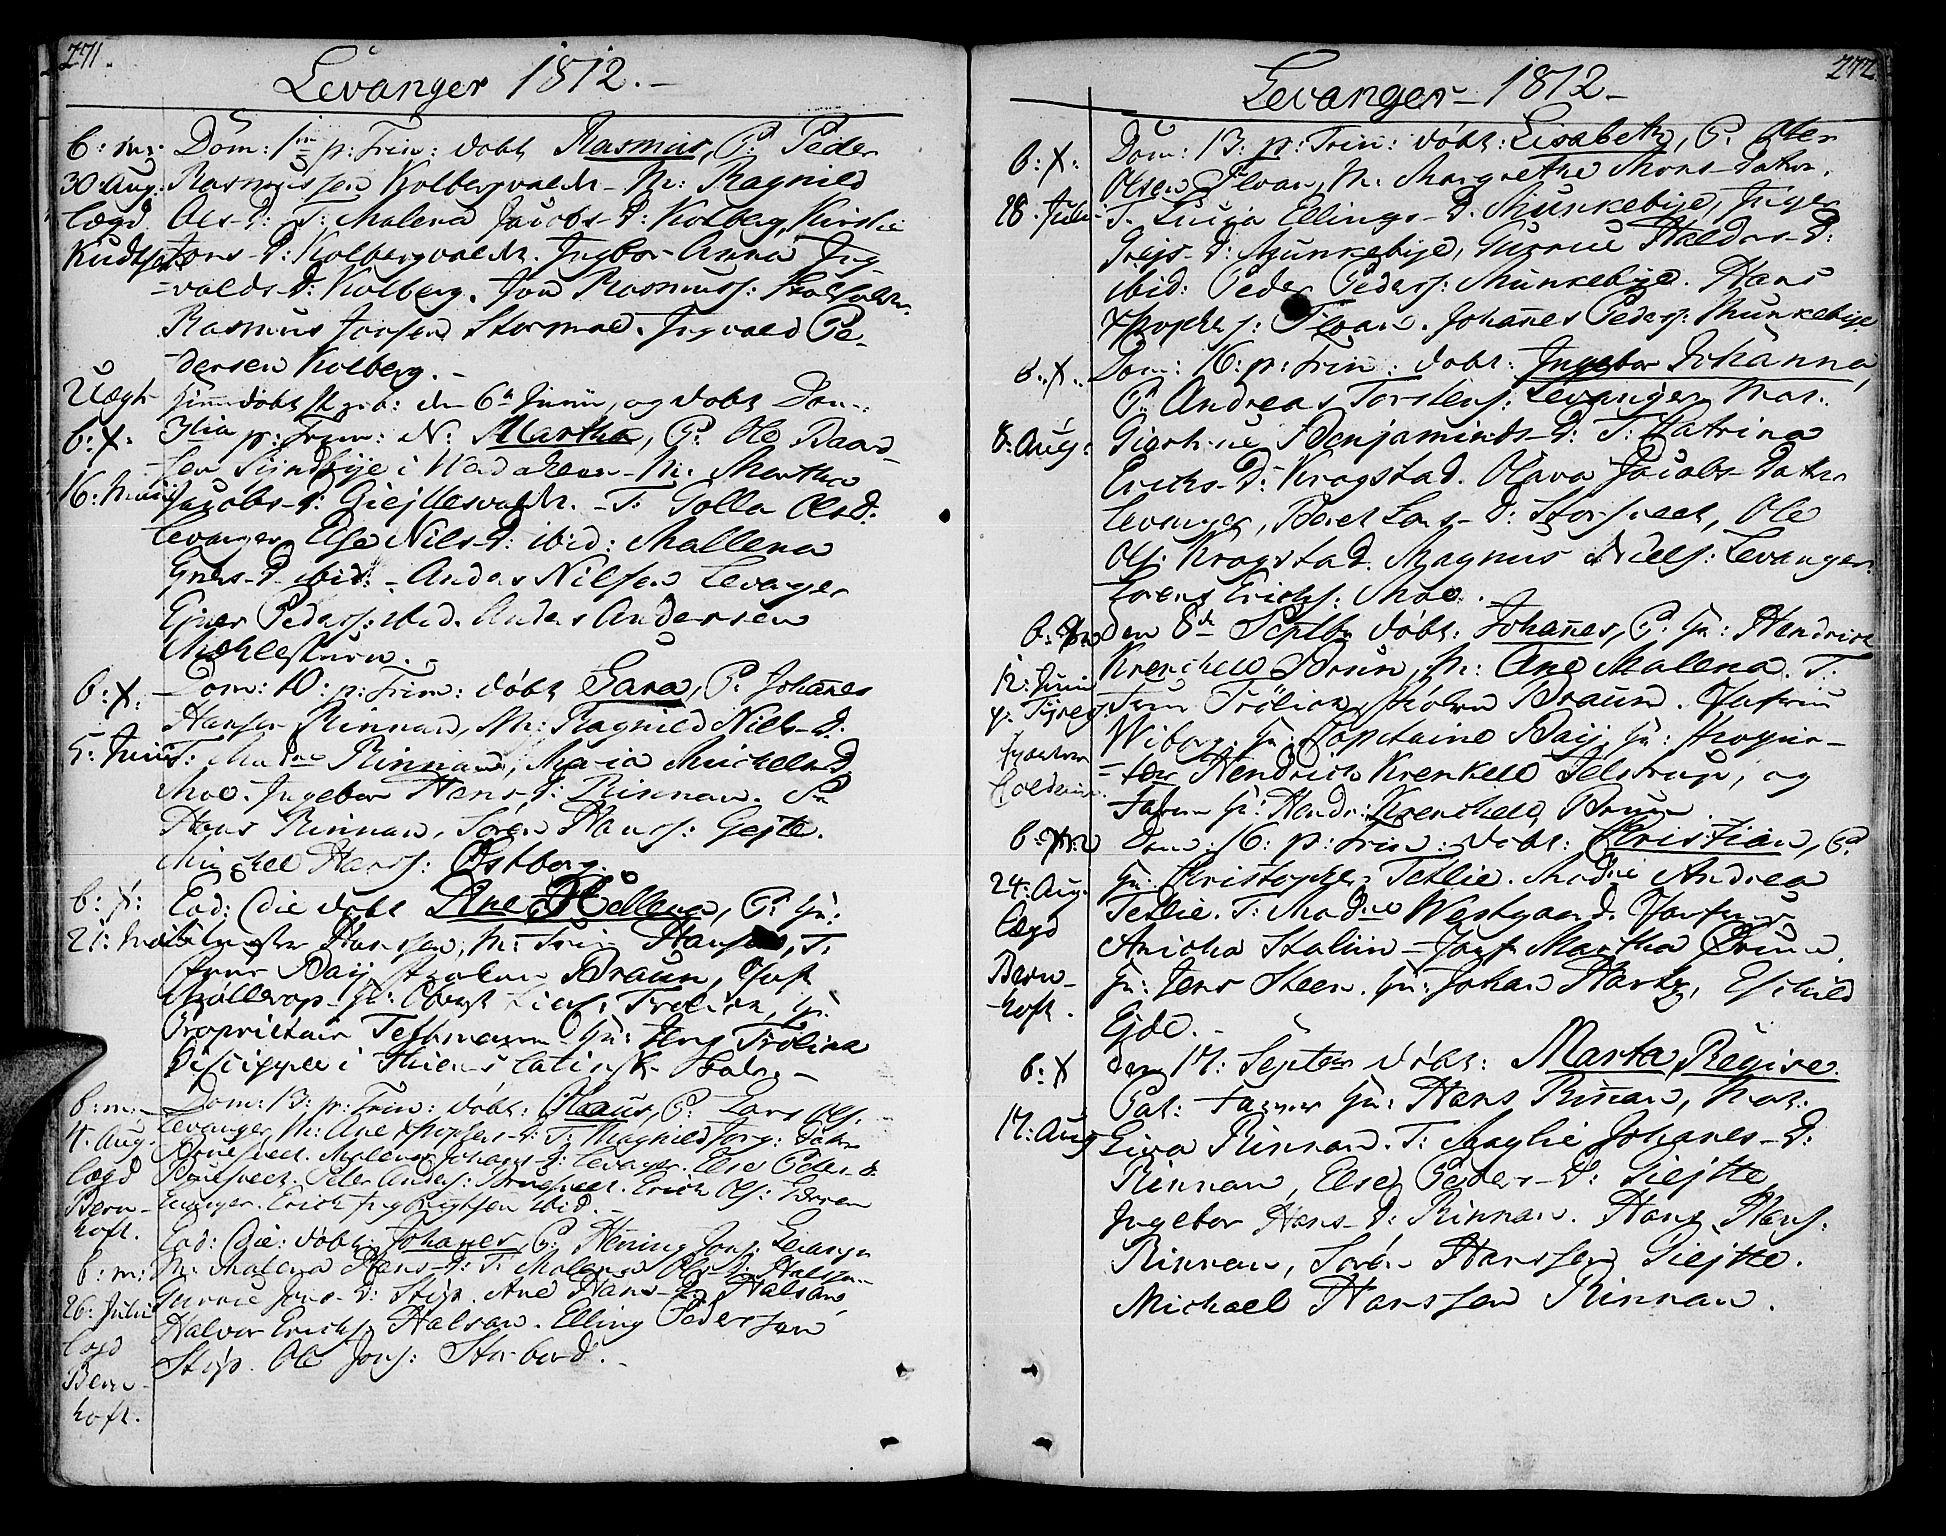 SAT, Ministerialprotokoller, klokkerbøker og fødselsregistre - Nord-Trøndelag, 717/L0145: Ministerialbok nr. 717A03 /3, 1810-1815, s. 271-272